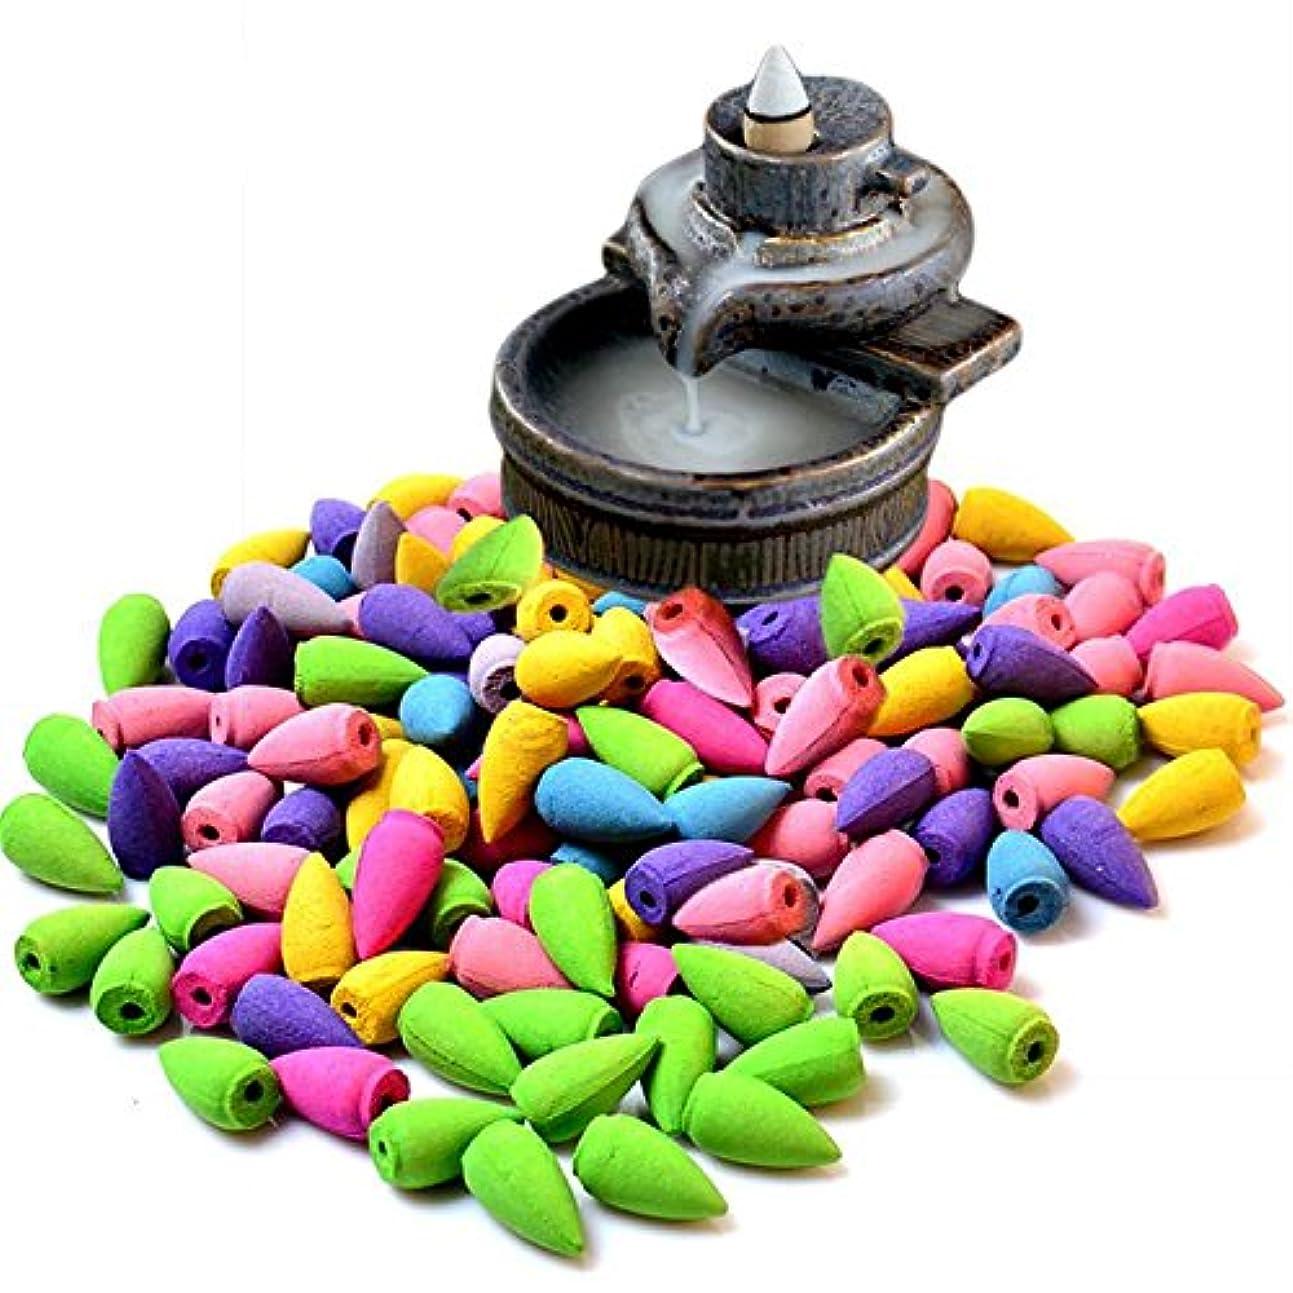 チチカカ湖情報問題ECYC Rerro  陶器の香炉 室内用バックフローつり香炉 アロマセラピー用の香立て  収集可能 B01LC3EI7O